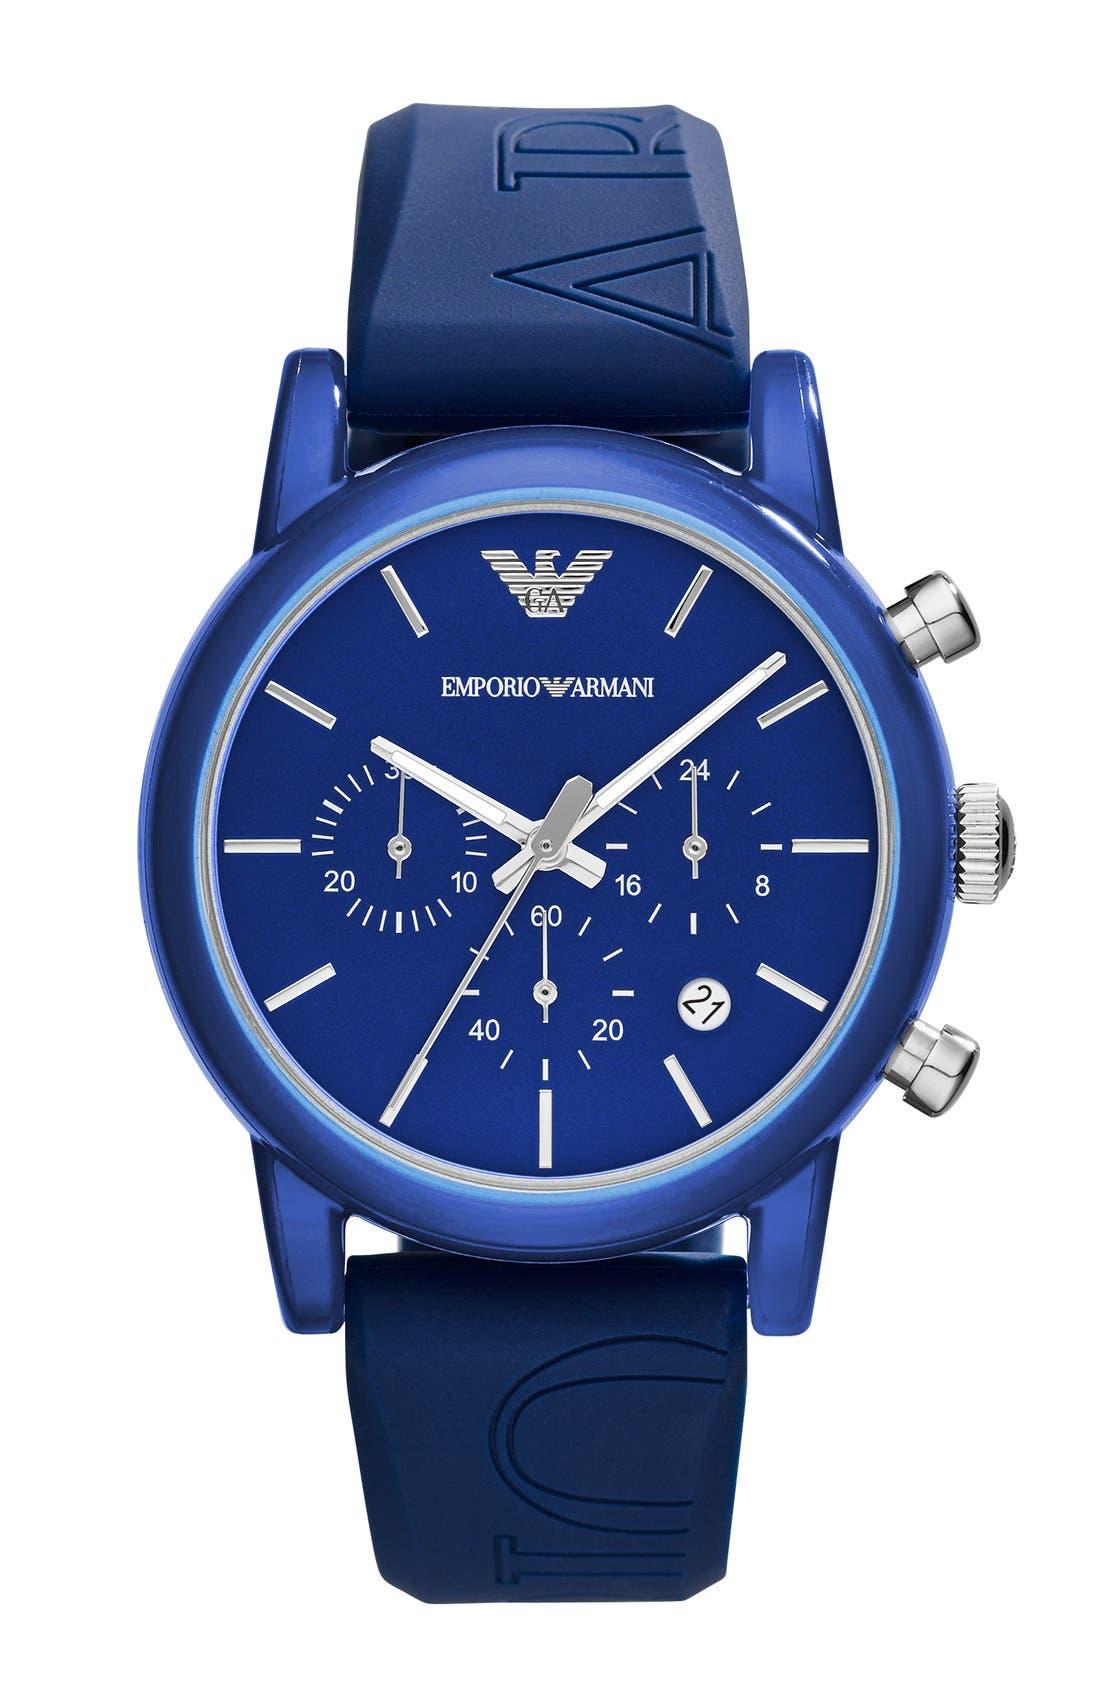 Main Image - Emporio Armani Chronograph Silicone Strap Watch, 41mm